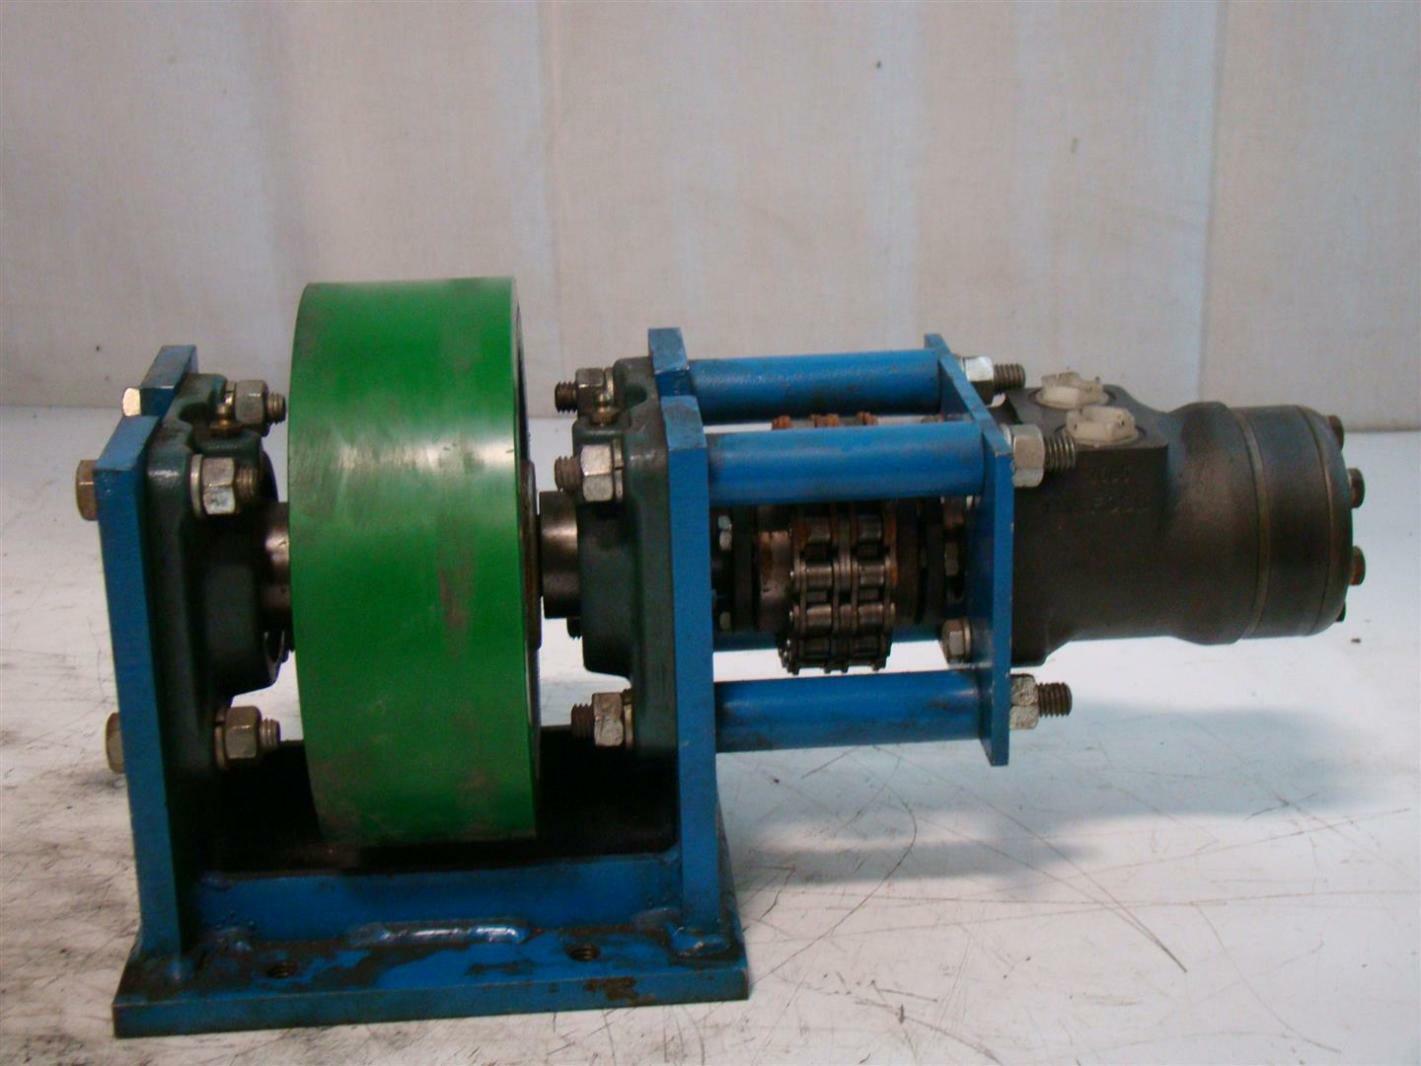 Danfoss Hydraulic Motor Urethane Roller 2605 DH160 151-2045 142001N283A